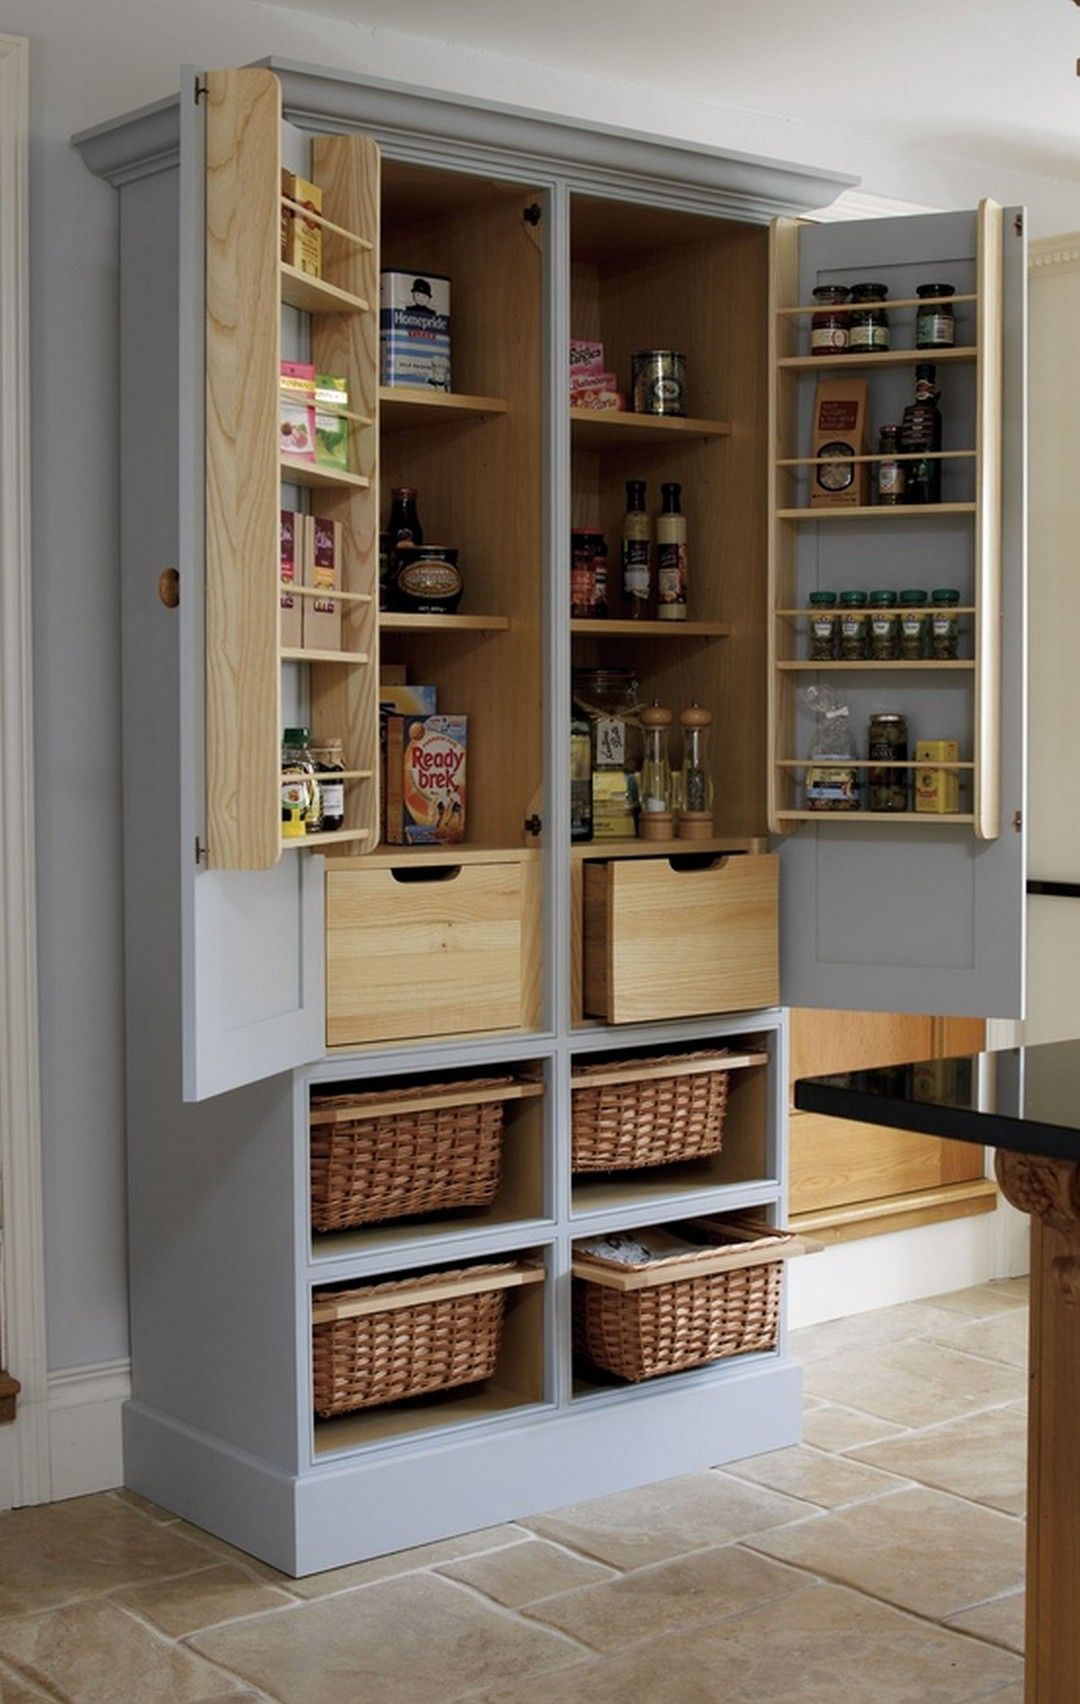 32 luxury and elegant kitchen design inspiration kitchen ideas rh pinterest com